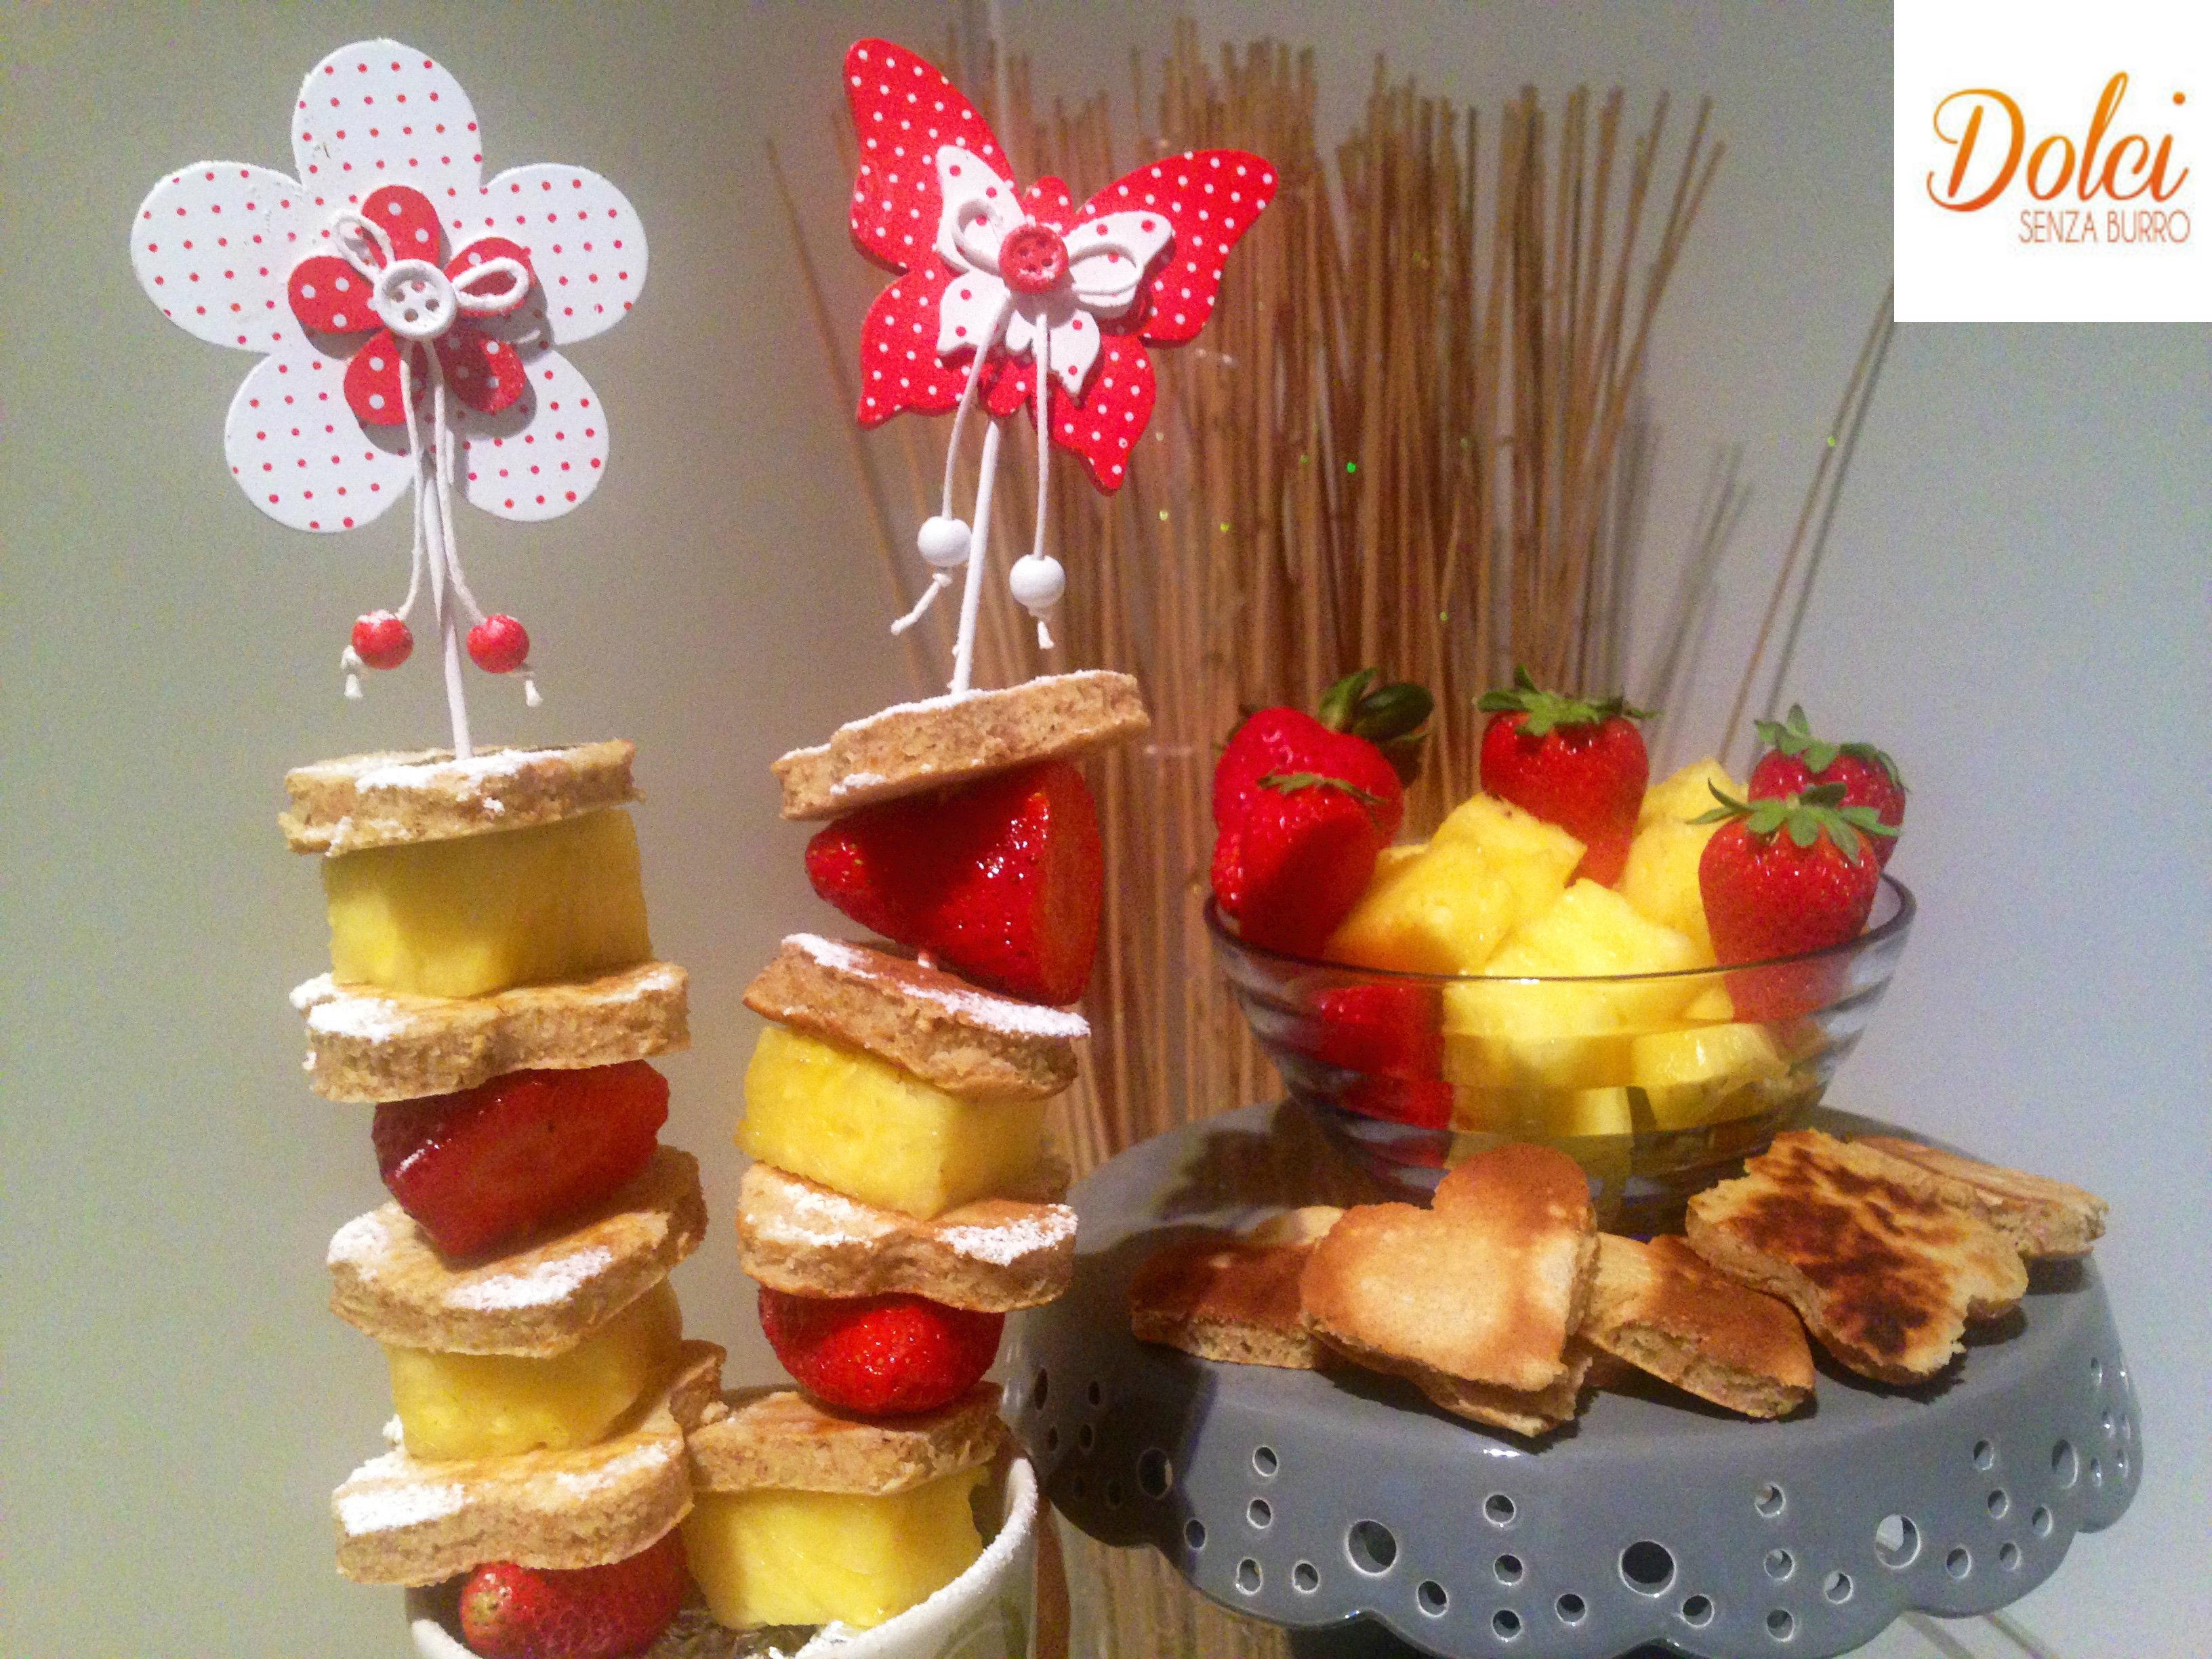 Mini Pancakes con Frutta allo Spiedo, l'idea gustosa per mangiare i pancakes senza burro di dolci senza burro